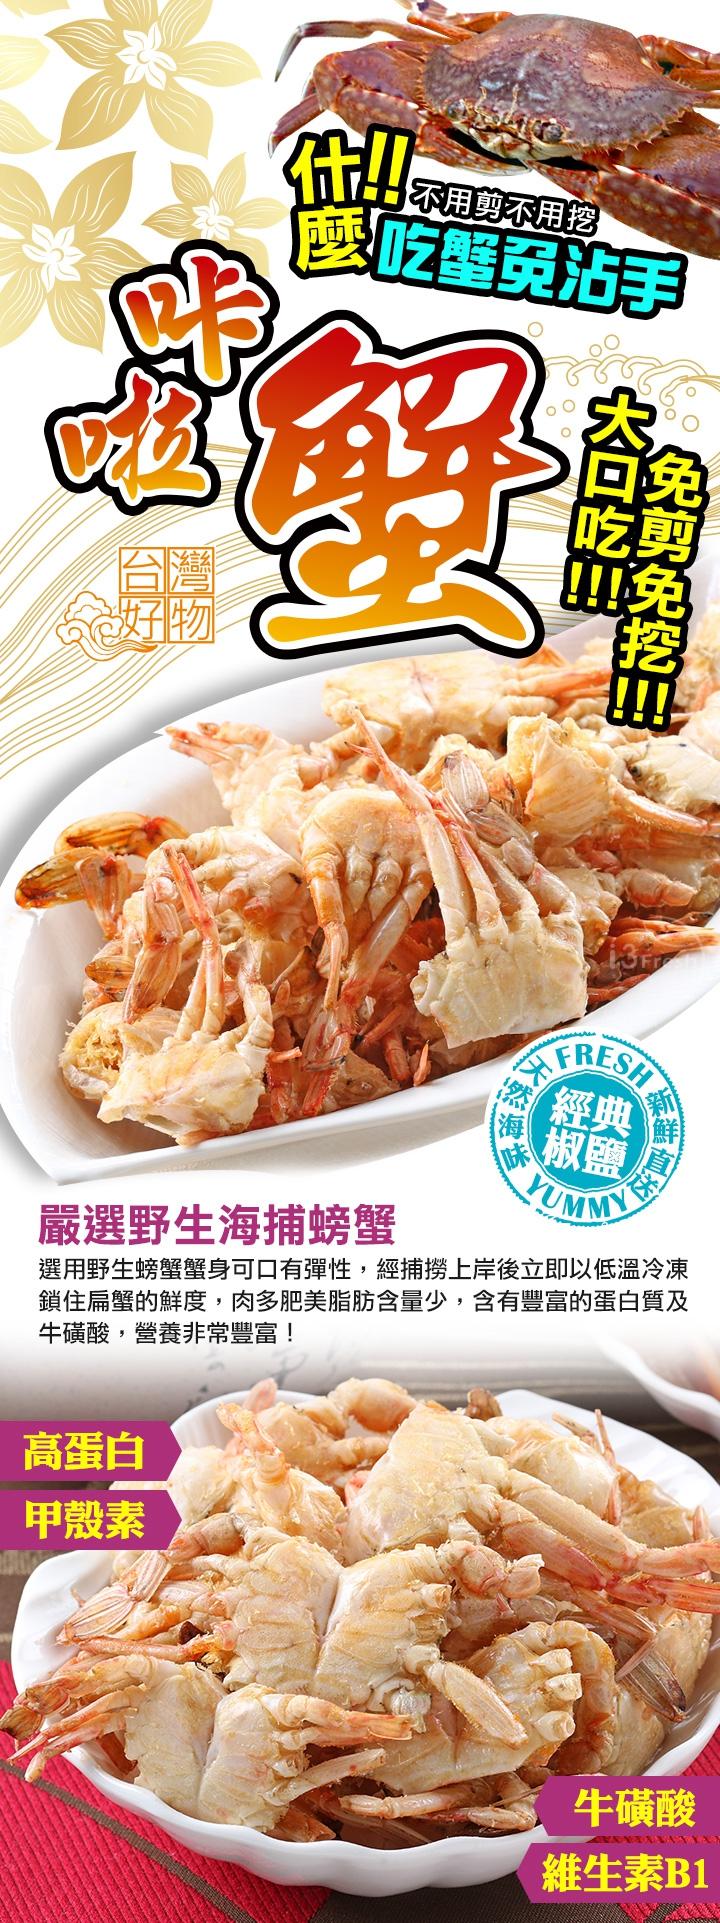 超好吃卡拉蟹(椒鹽)